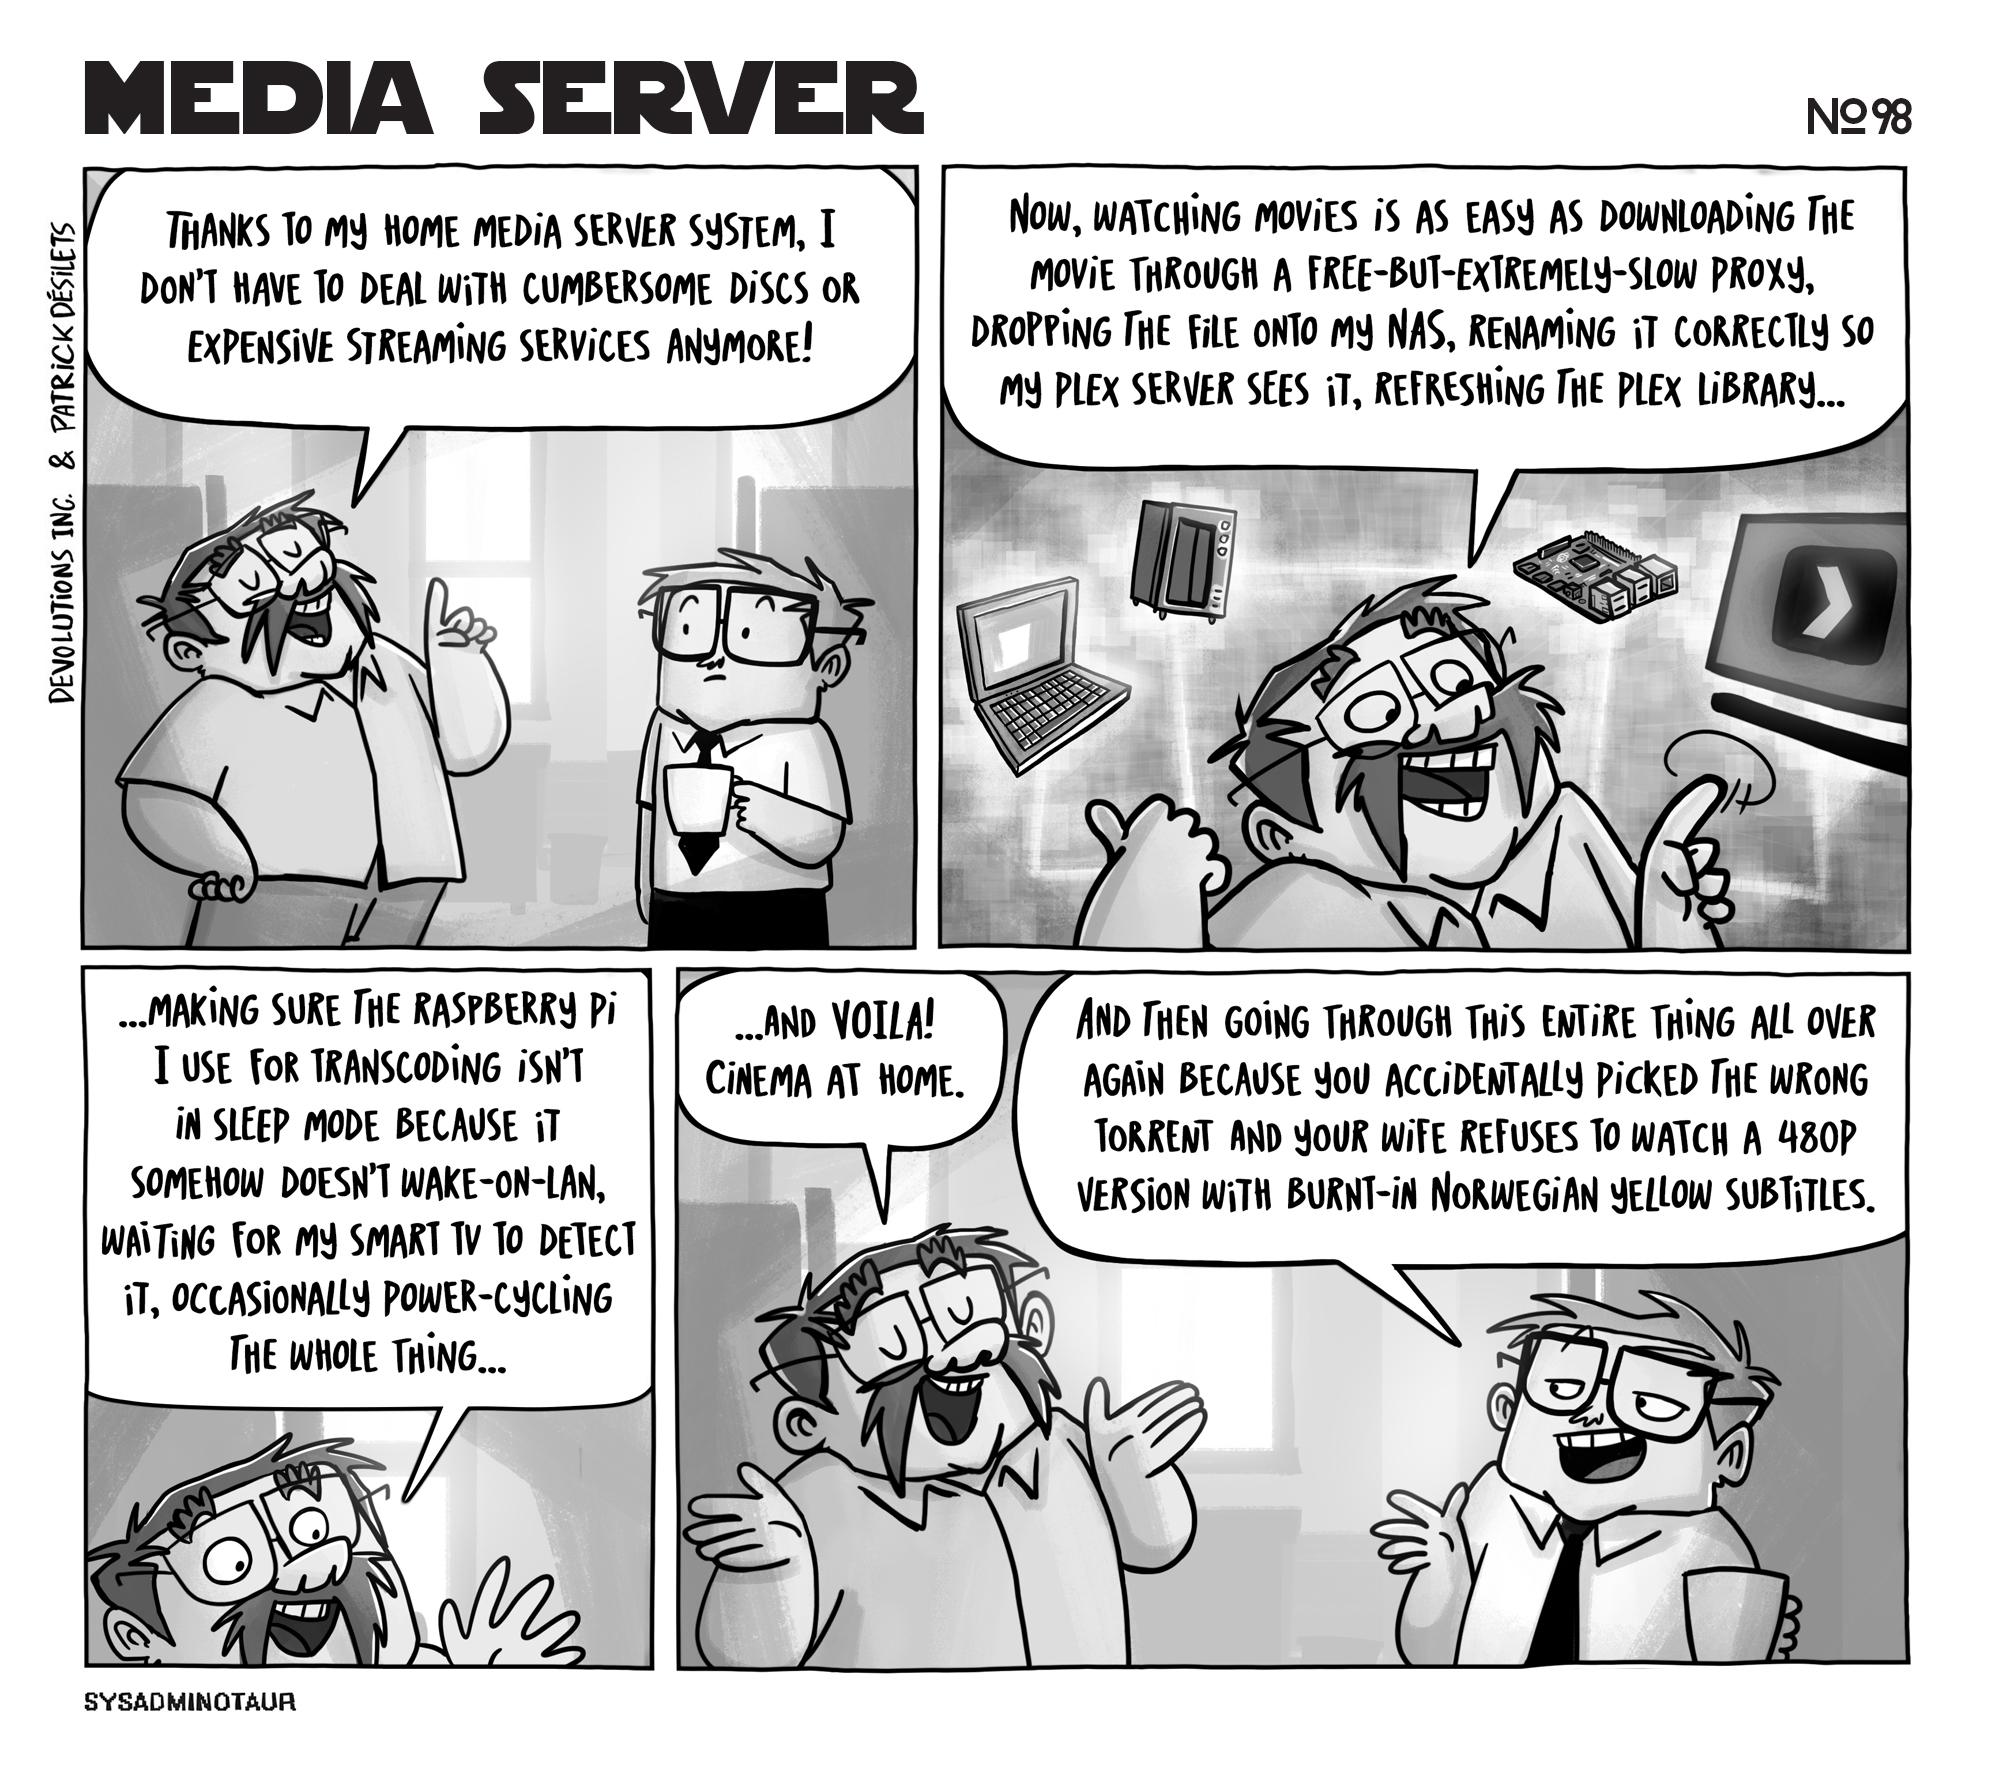 sysadminotaur-098-media-server